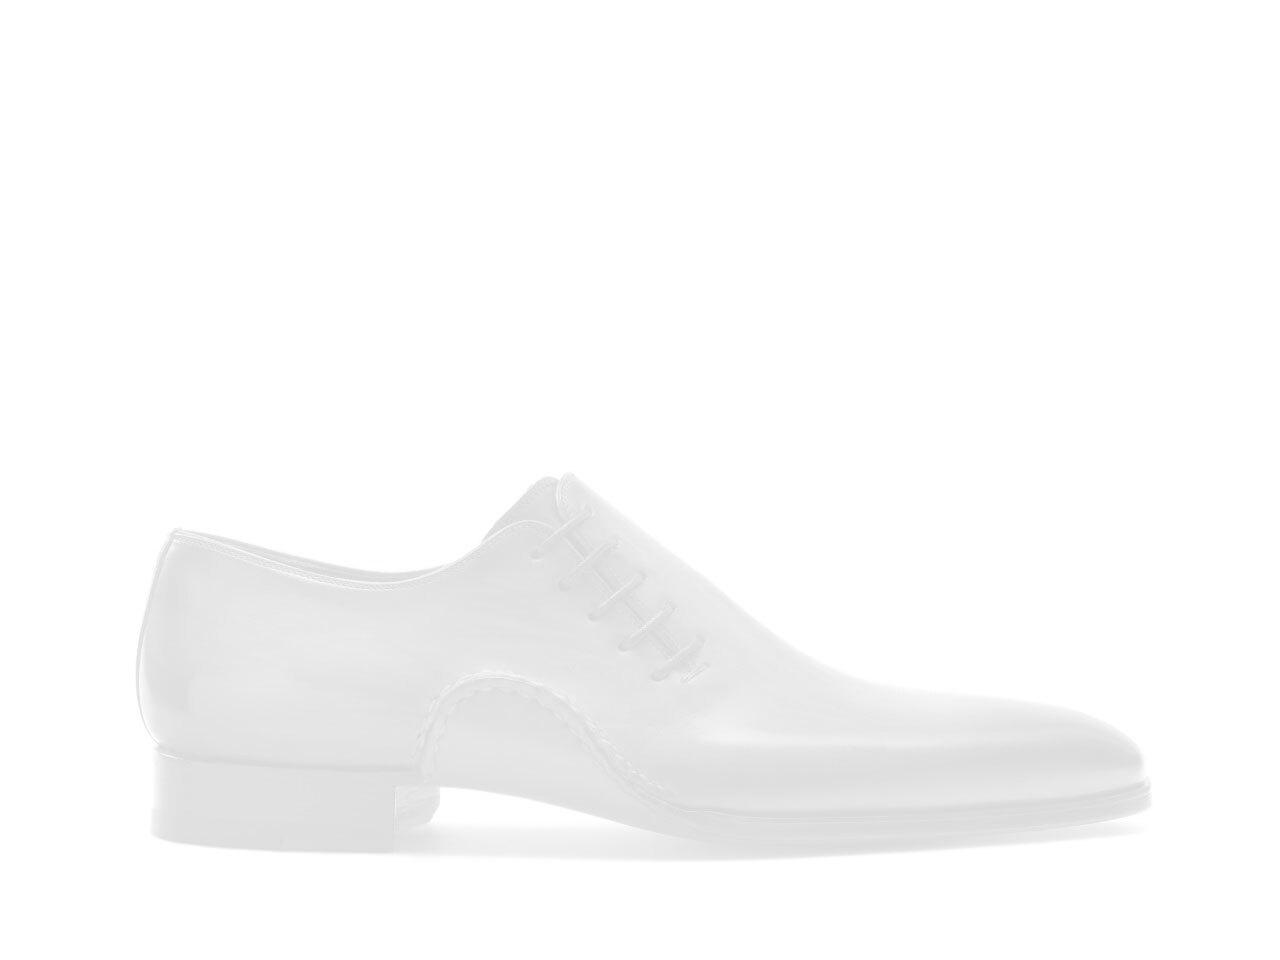 Pair of the Magnanni Pueblo Cognac Men's Sneakers